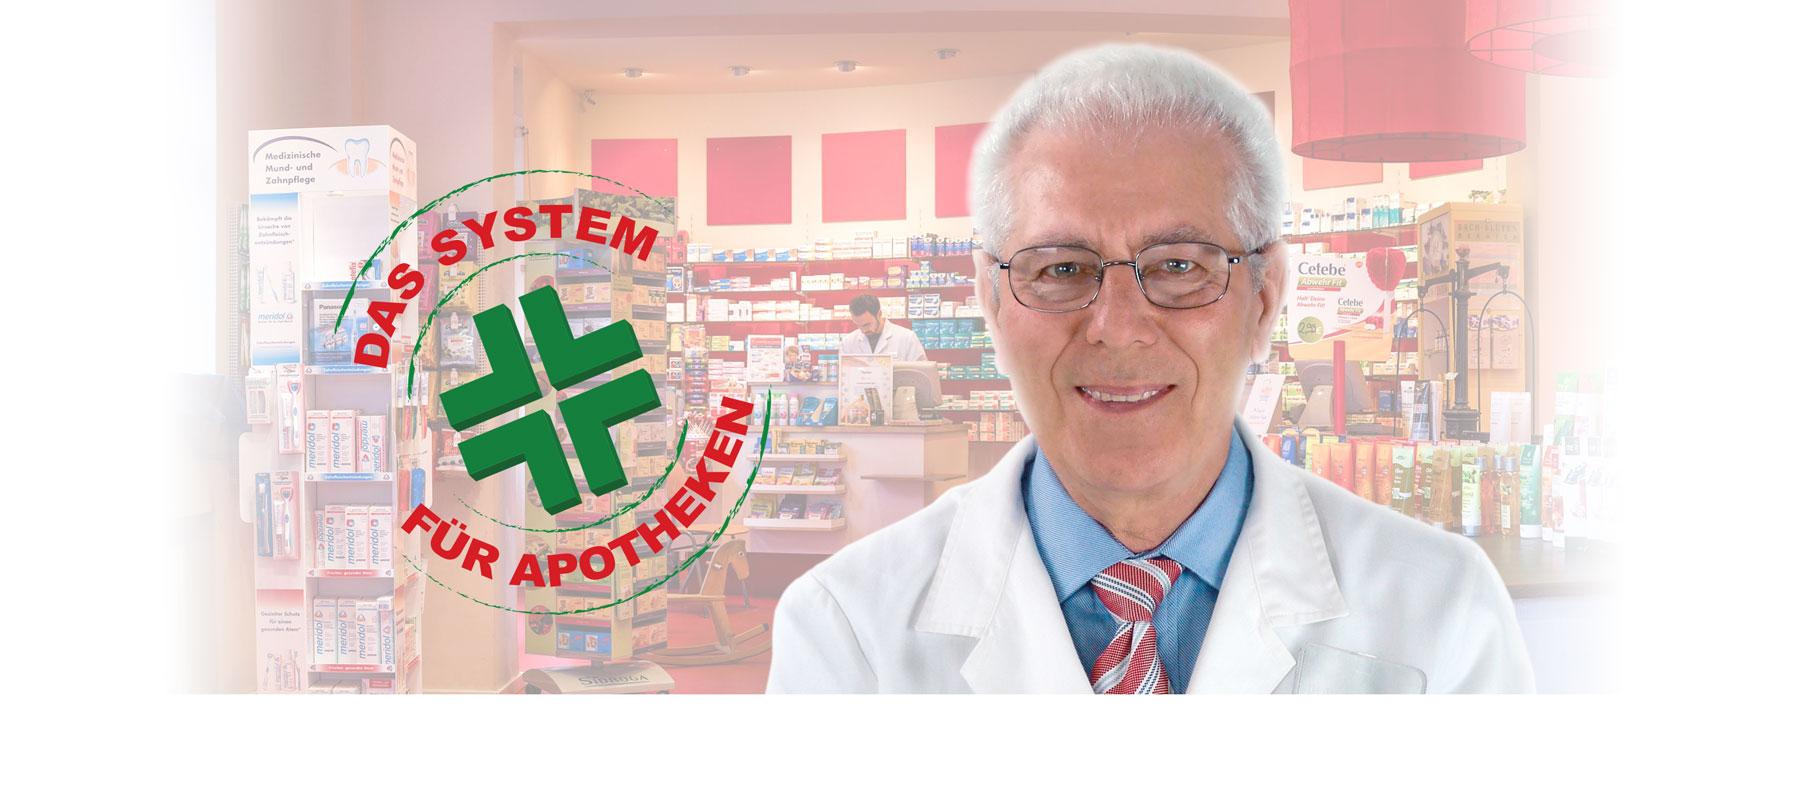 Arzt & Apotheker